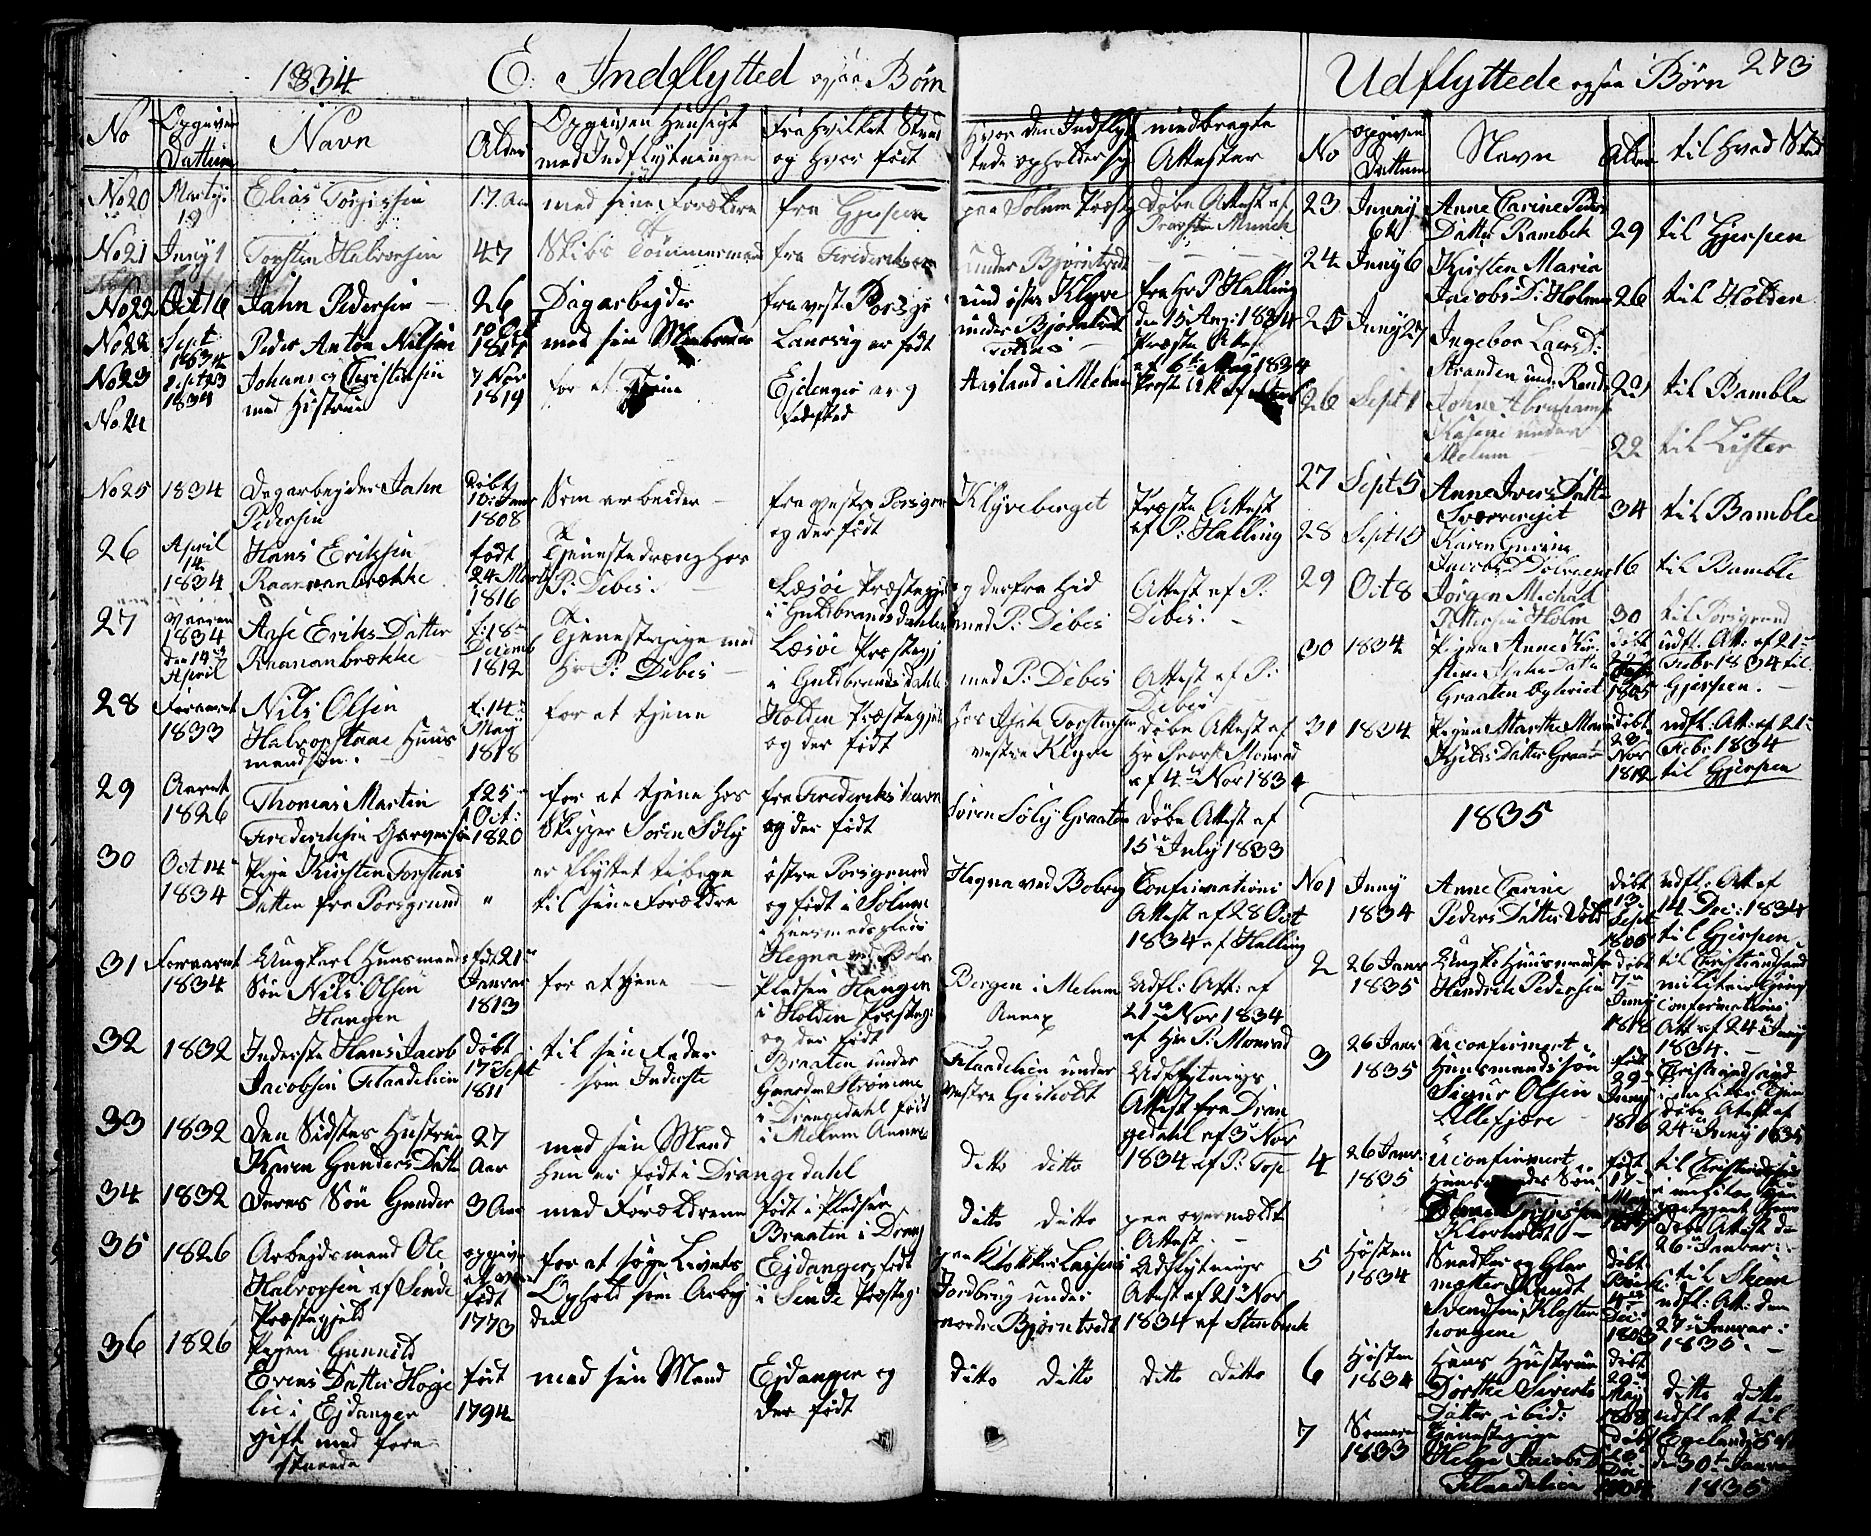 SAKO, Solum kirkebøker, G/Ga/L0002: Klokkerbok nr. I 2, 1834-1848, s. 273